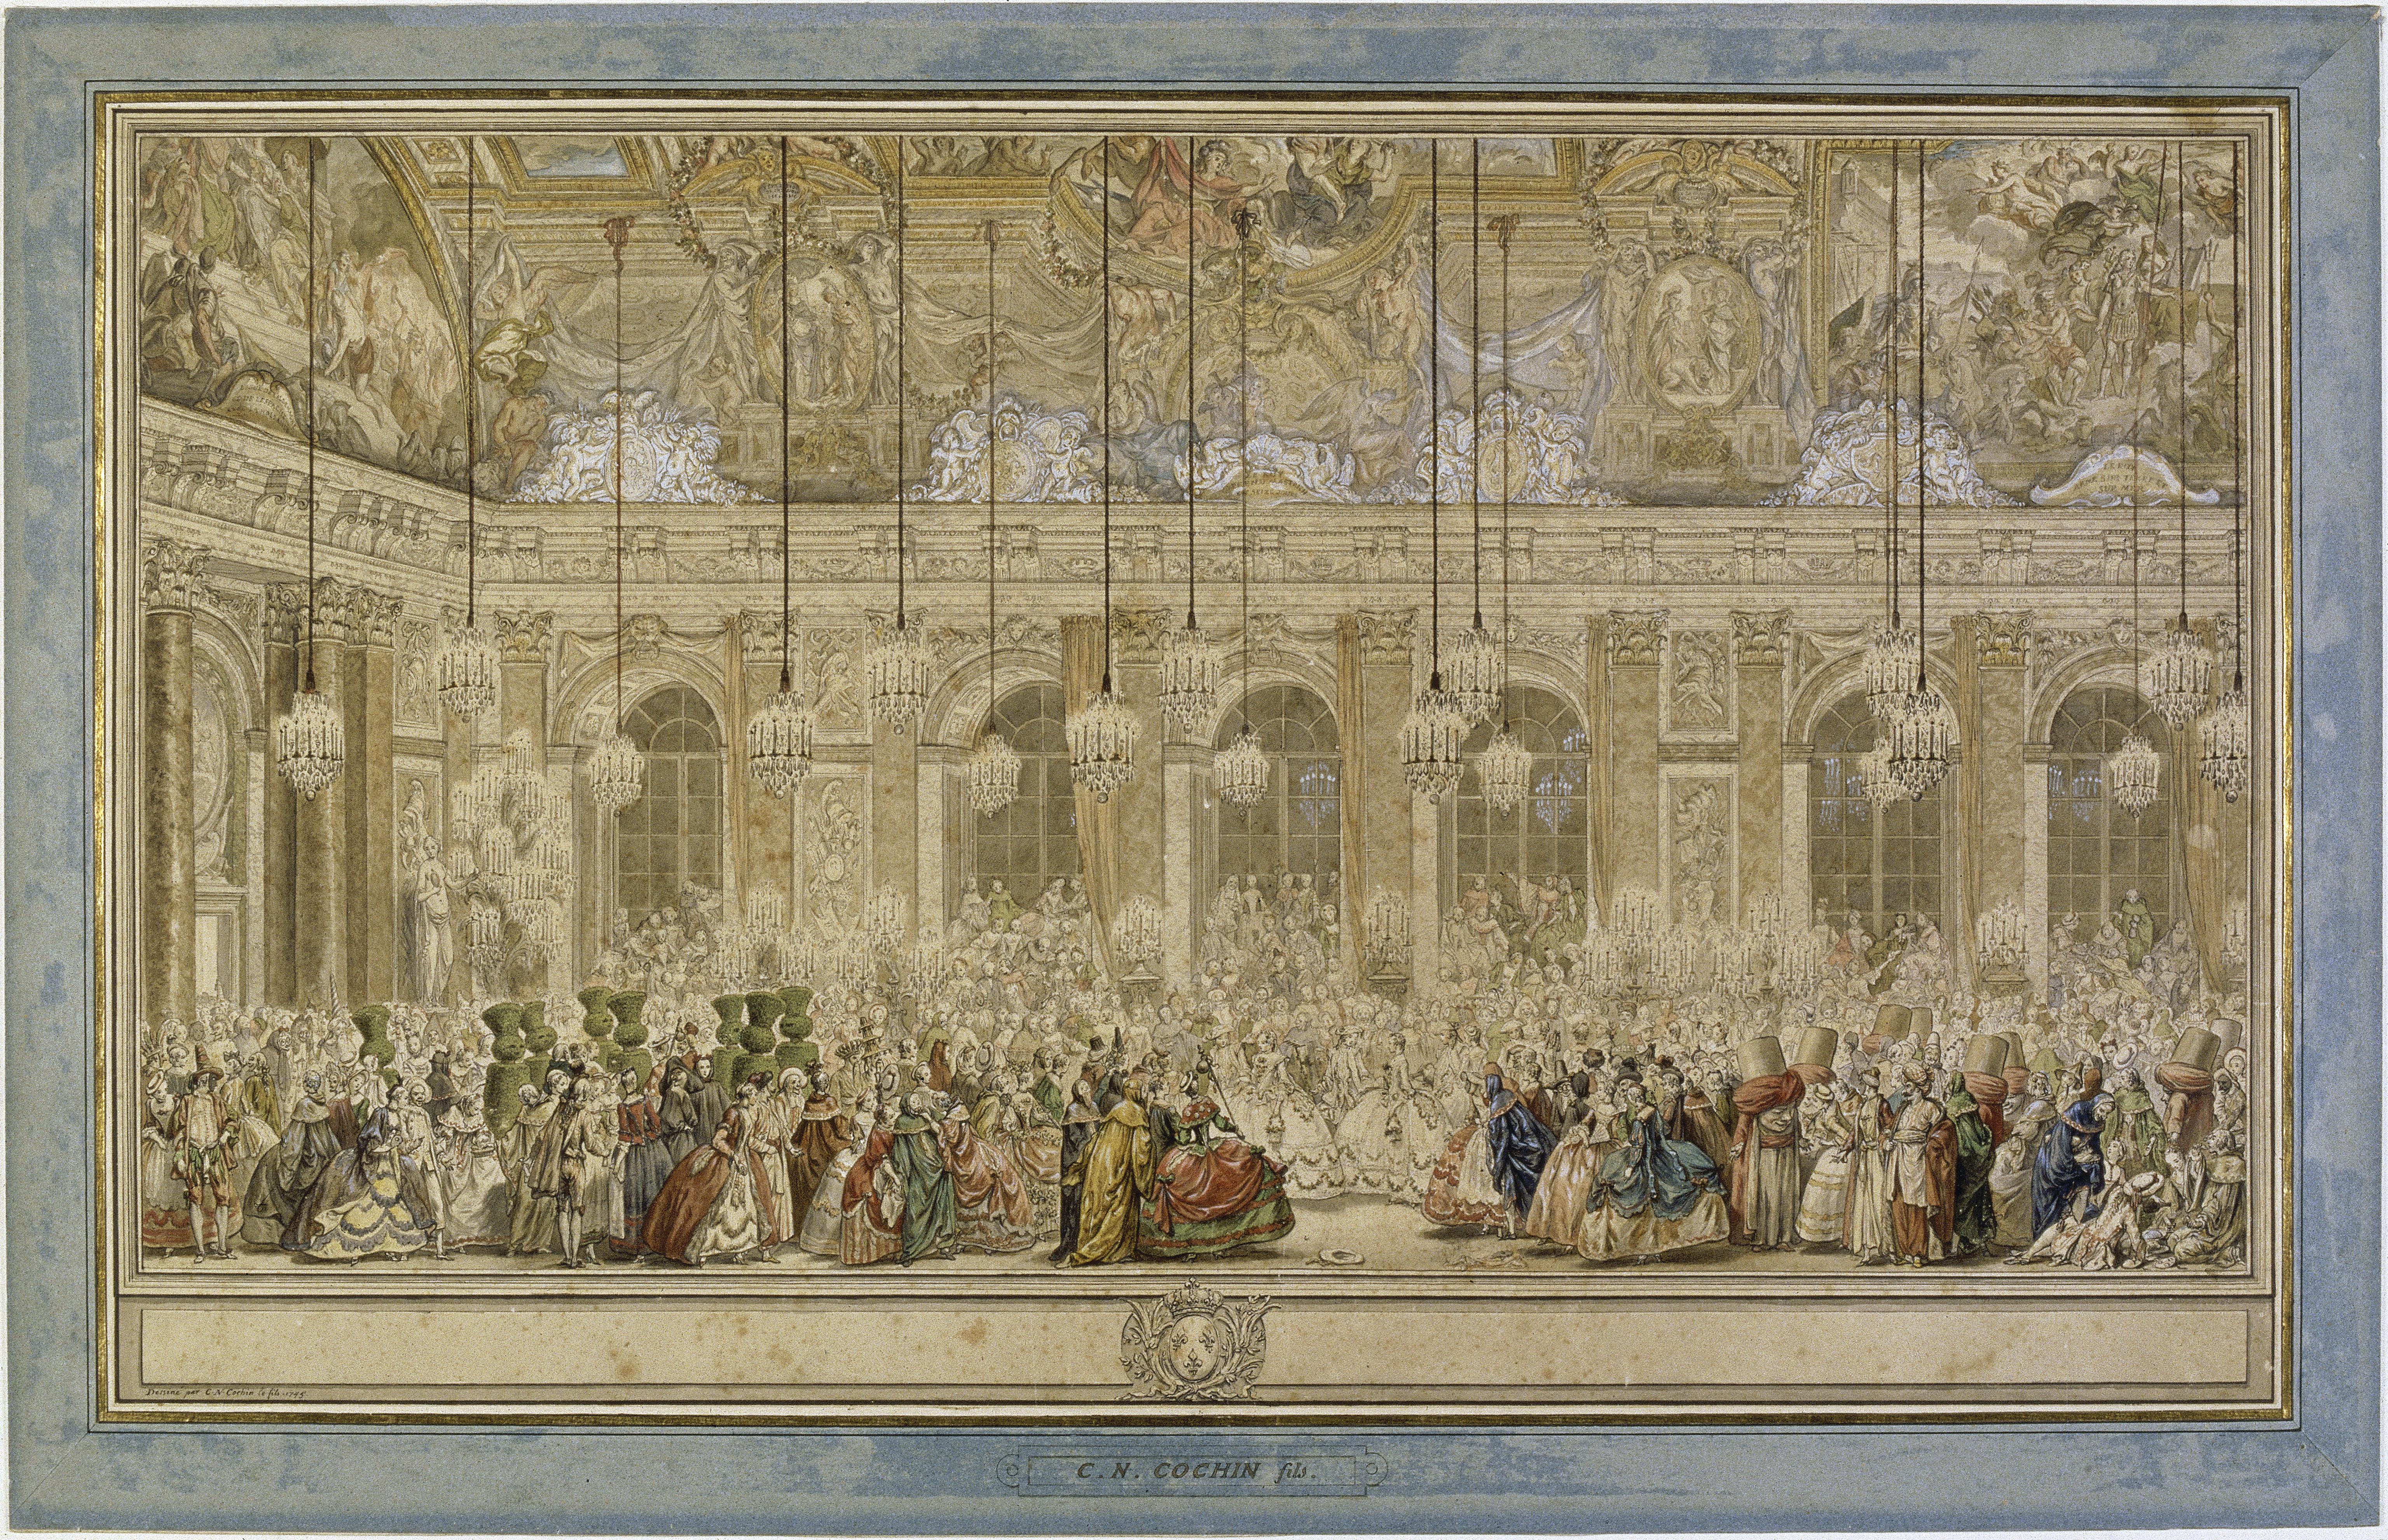 Charles Nicolas Cochin le Jeune Vers 1745 Encre brune,rehauts de blanc, aquarelle avec lavis gris, plume © RMN-Grand Palais (musée du Louvre) / Michèle Bellot